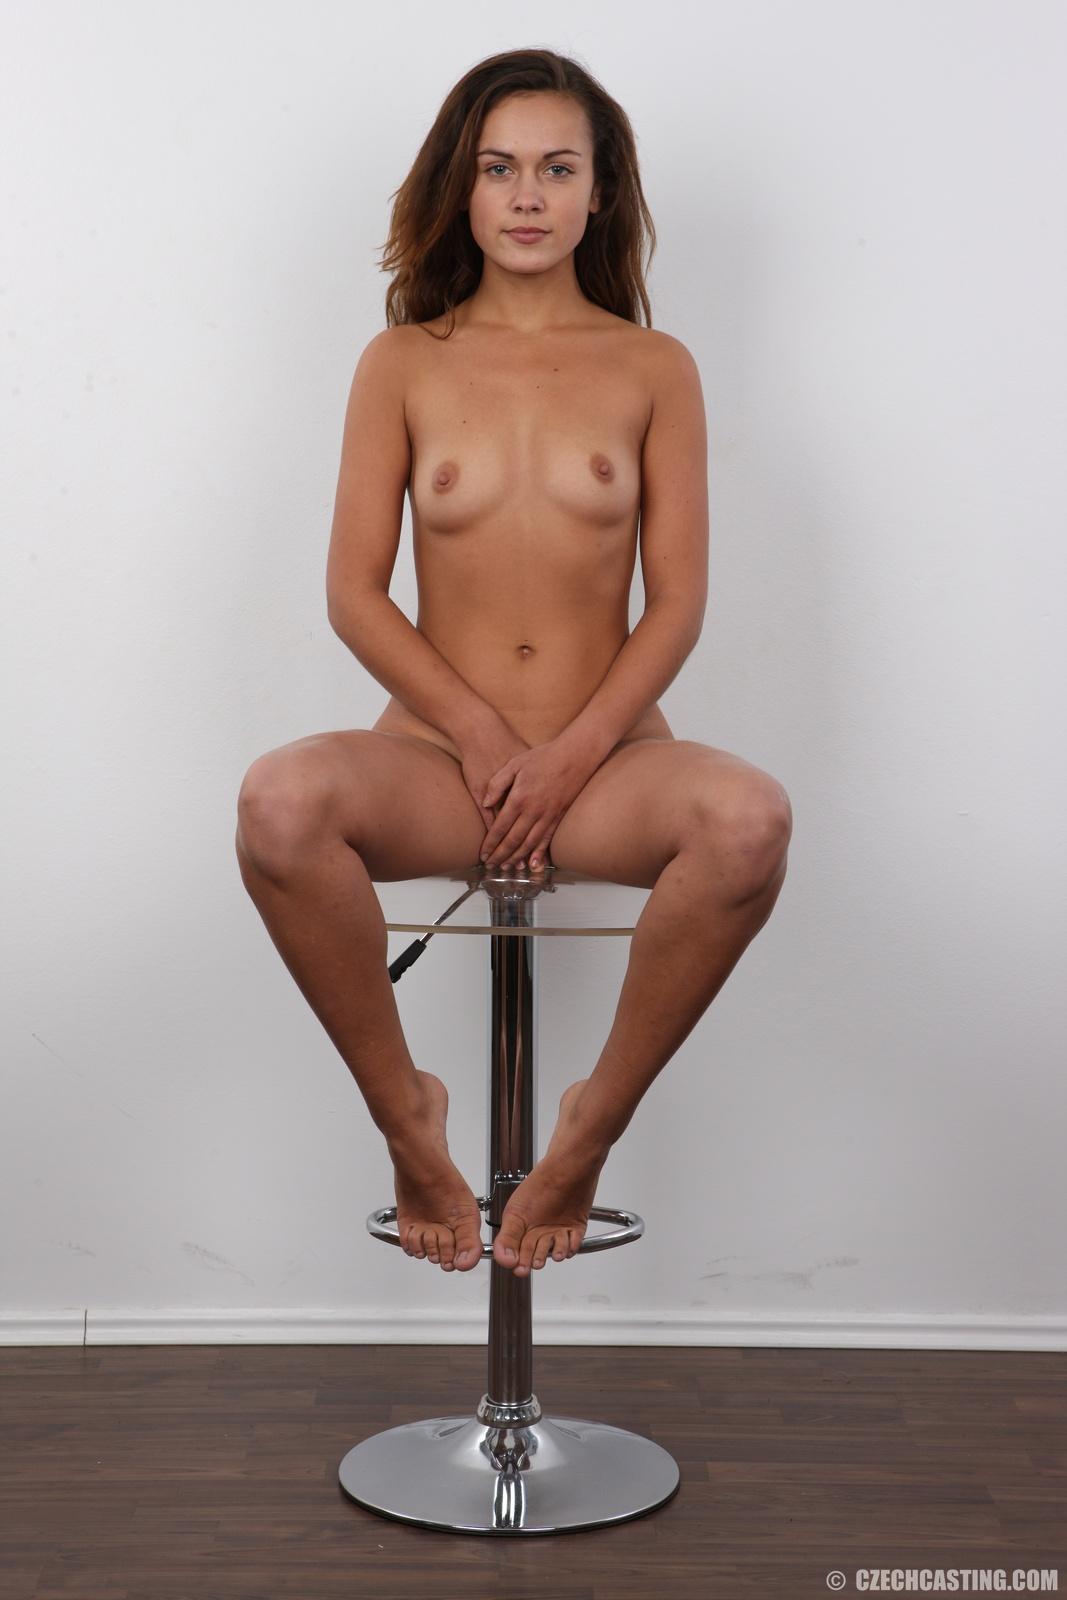 Marco dapper nude photos